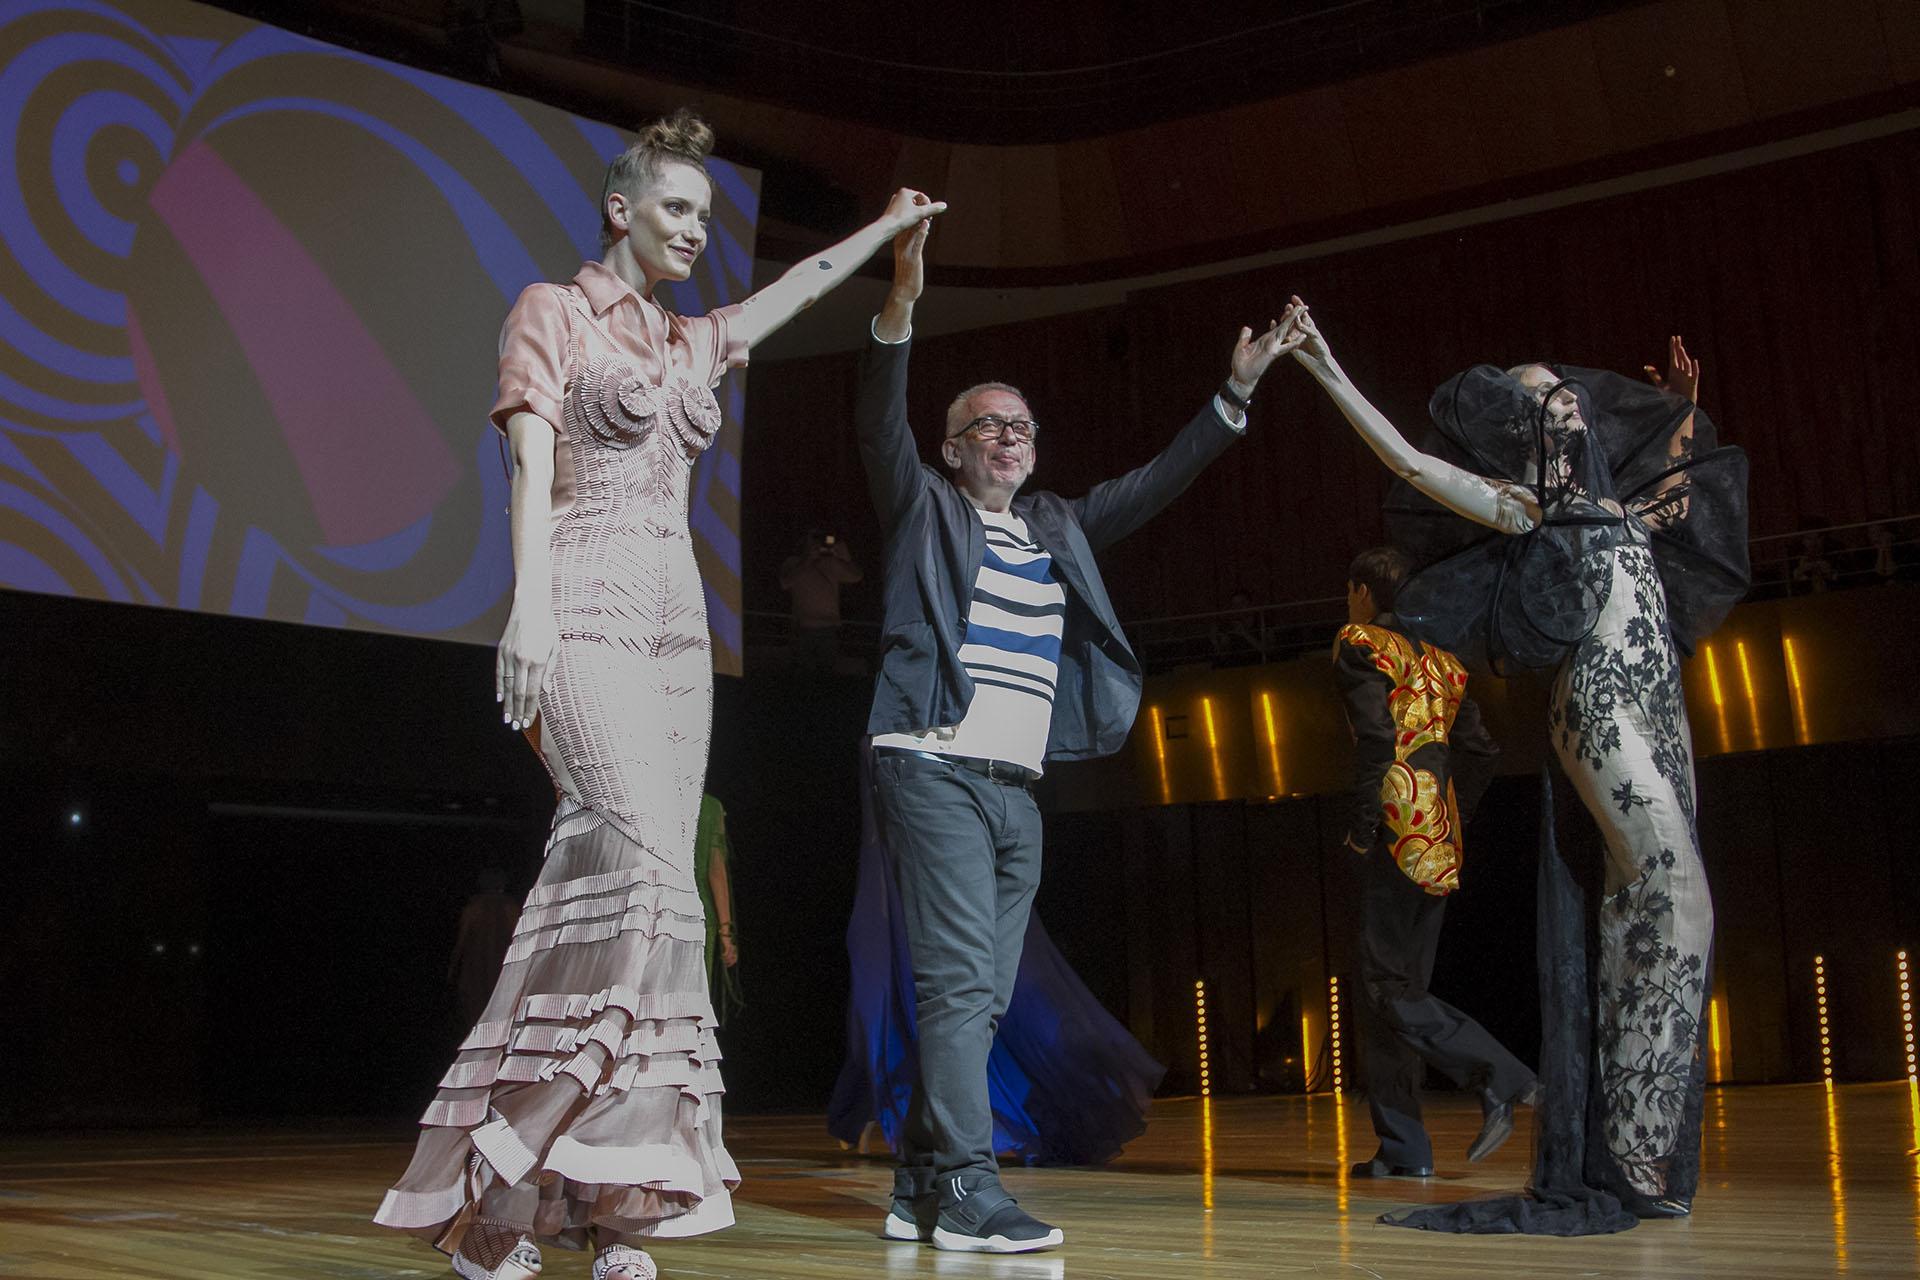 El prestigioso diseñador francés Jean Paul Gaultier, en una nueva visita a Buenos Aires, realizó un show de alta costura en el Centro Cultural Kirchner, con sus modelos más recientes inspirados en la cultura de los años sesenta